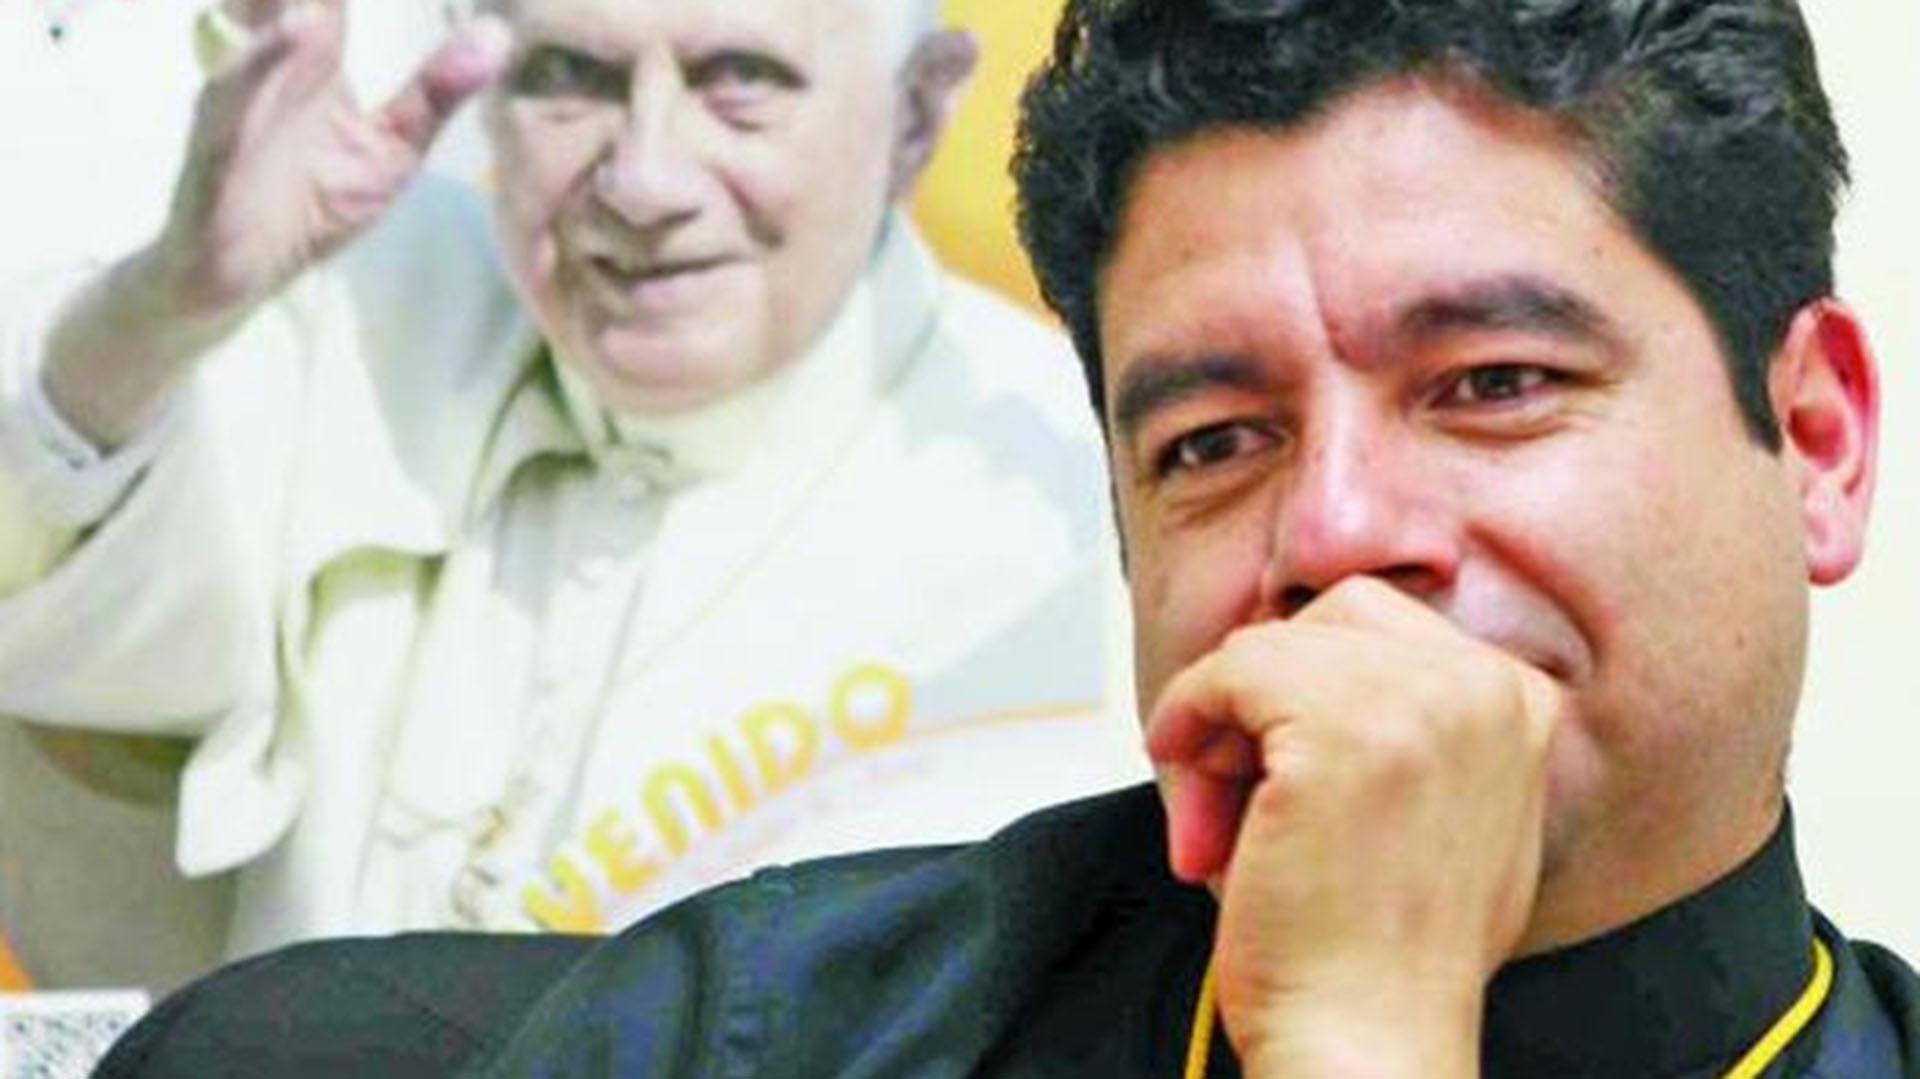 El sacerdote Jorge Raúl Villegas, condenado a 90 años de prisión por abusos